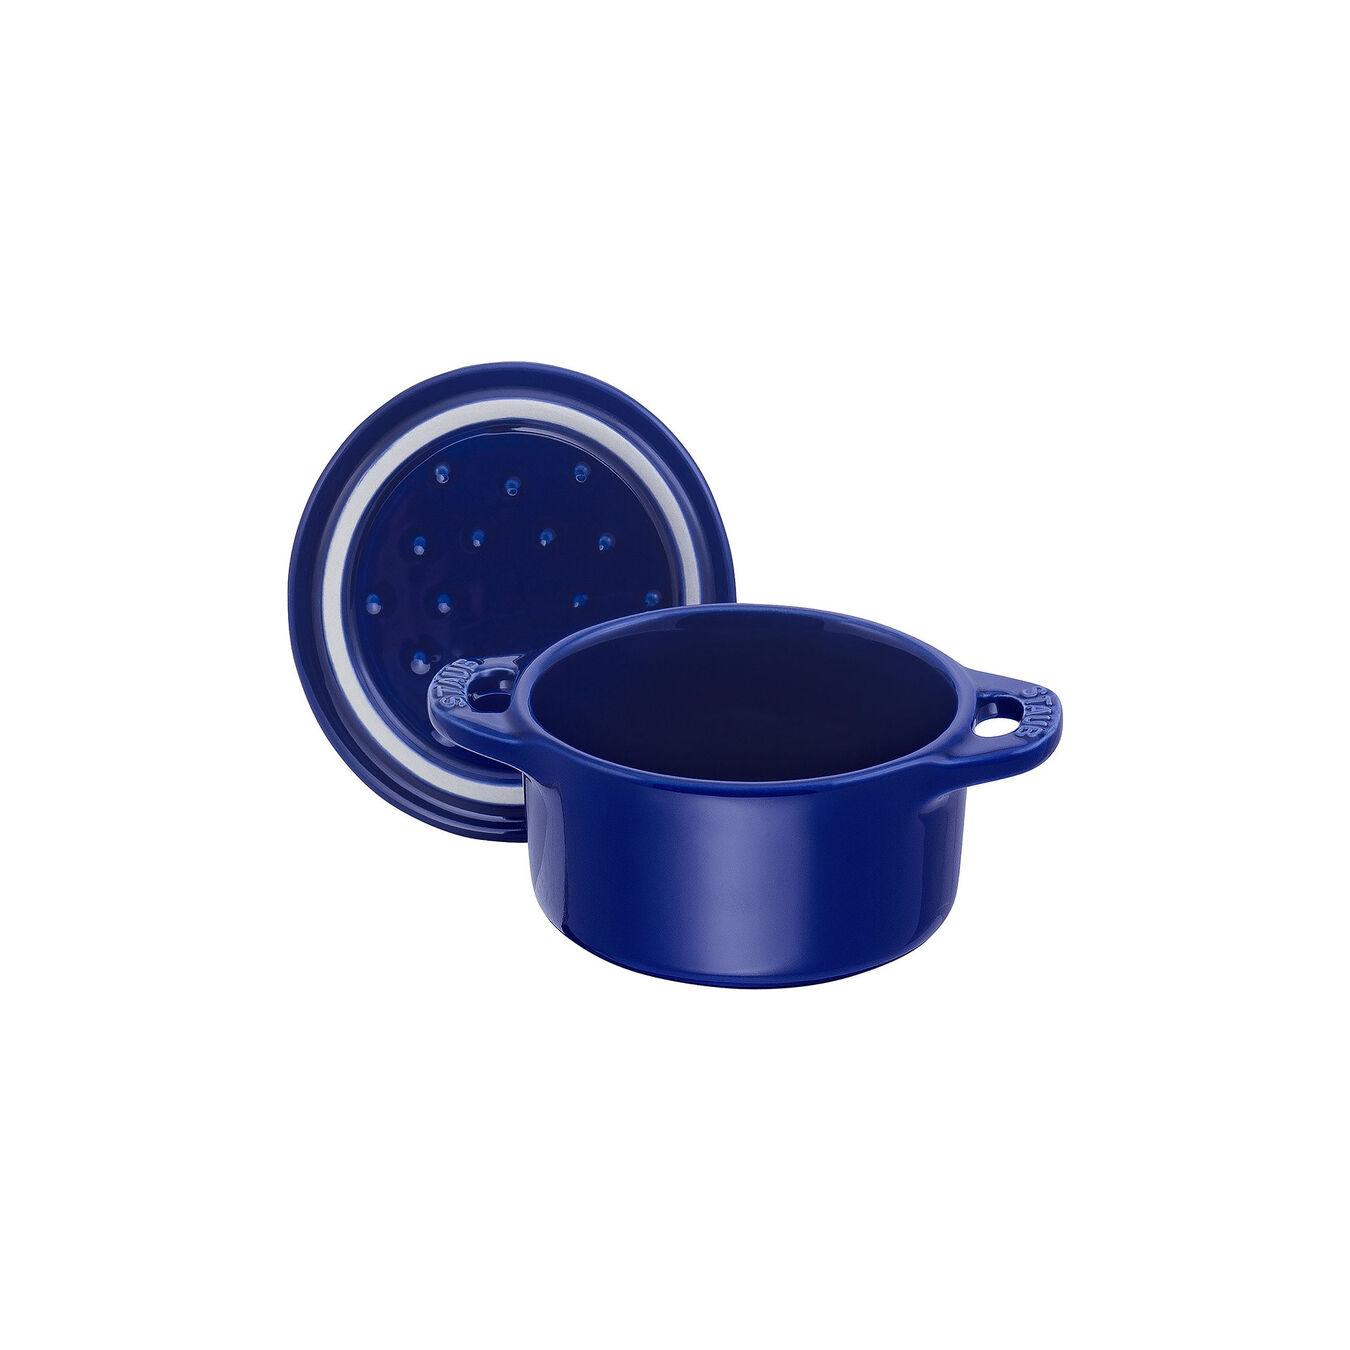 Mini Cocotte 10 cm, Rond(e), Bleu intense, Céramique,,large 6